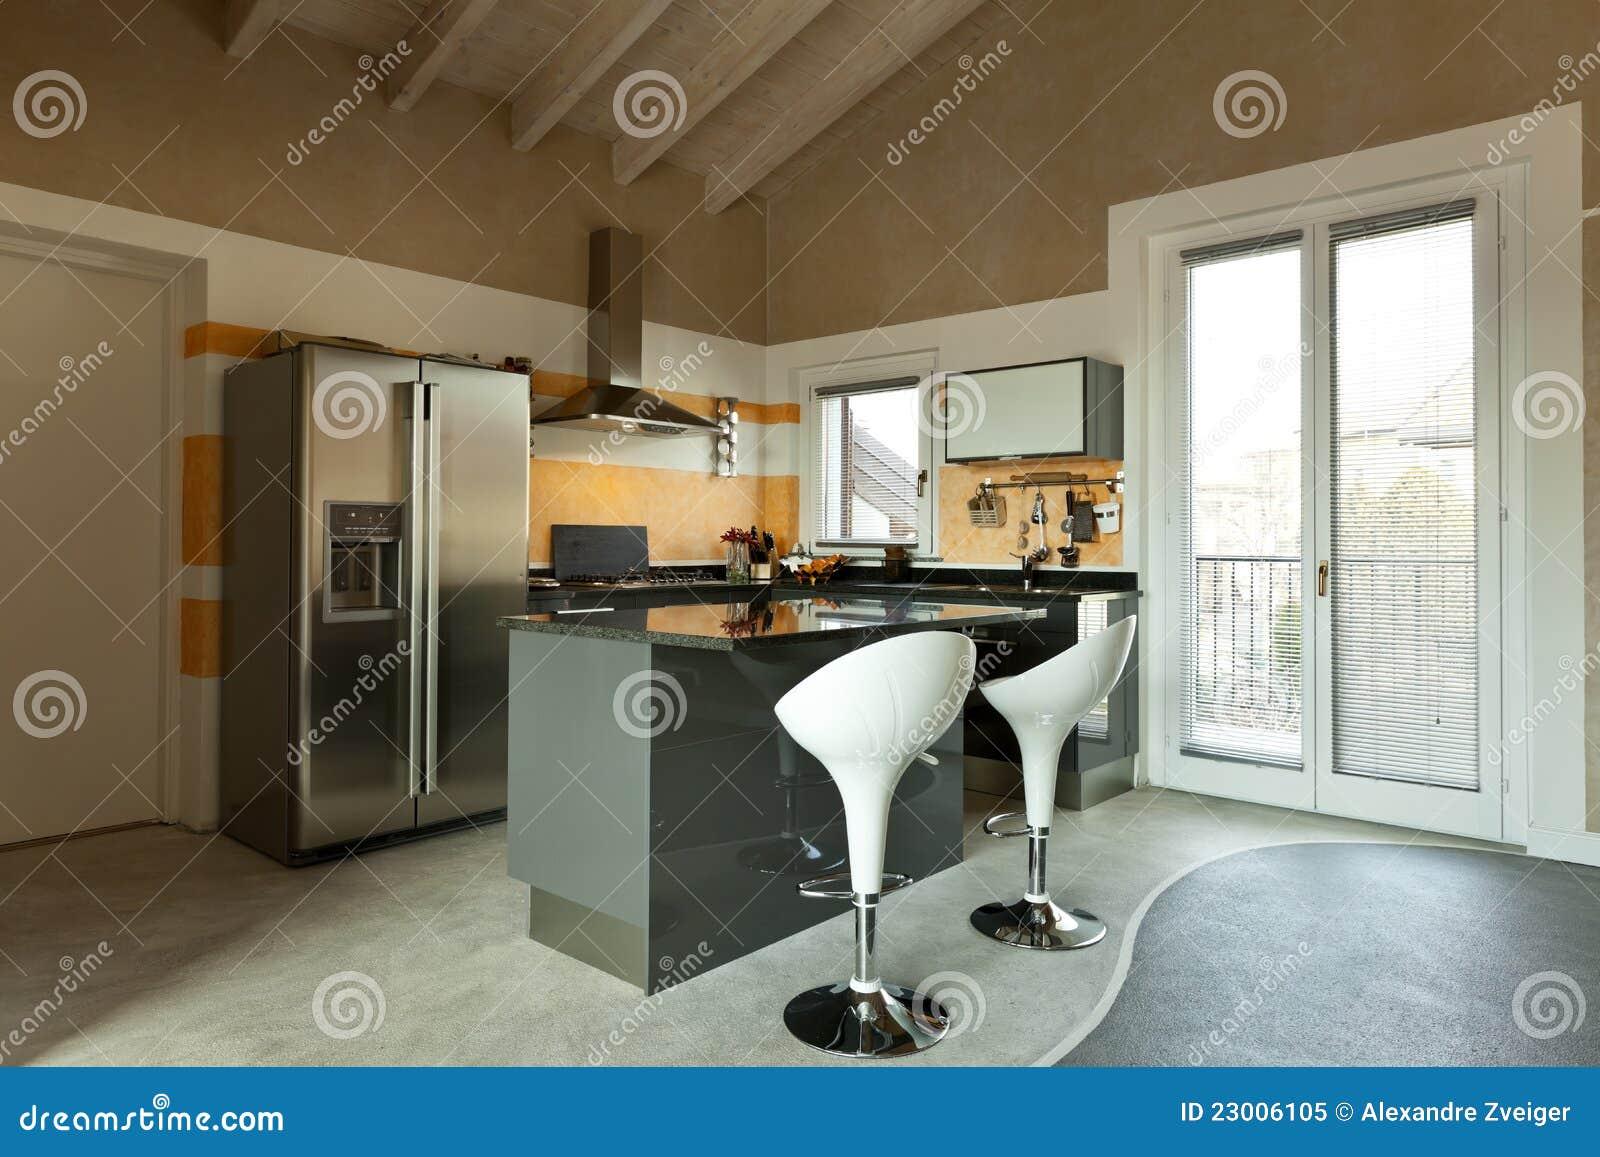 Isola di cucina con due sgabelli fotografia stock libera - Sgabelli per isola cucina ...